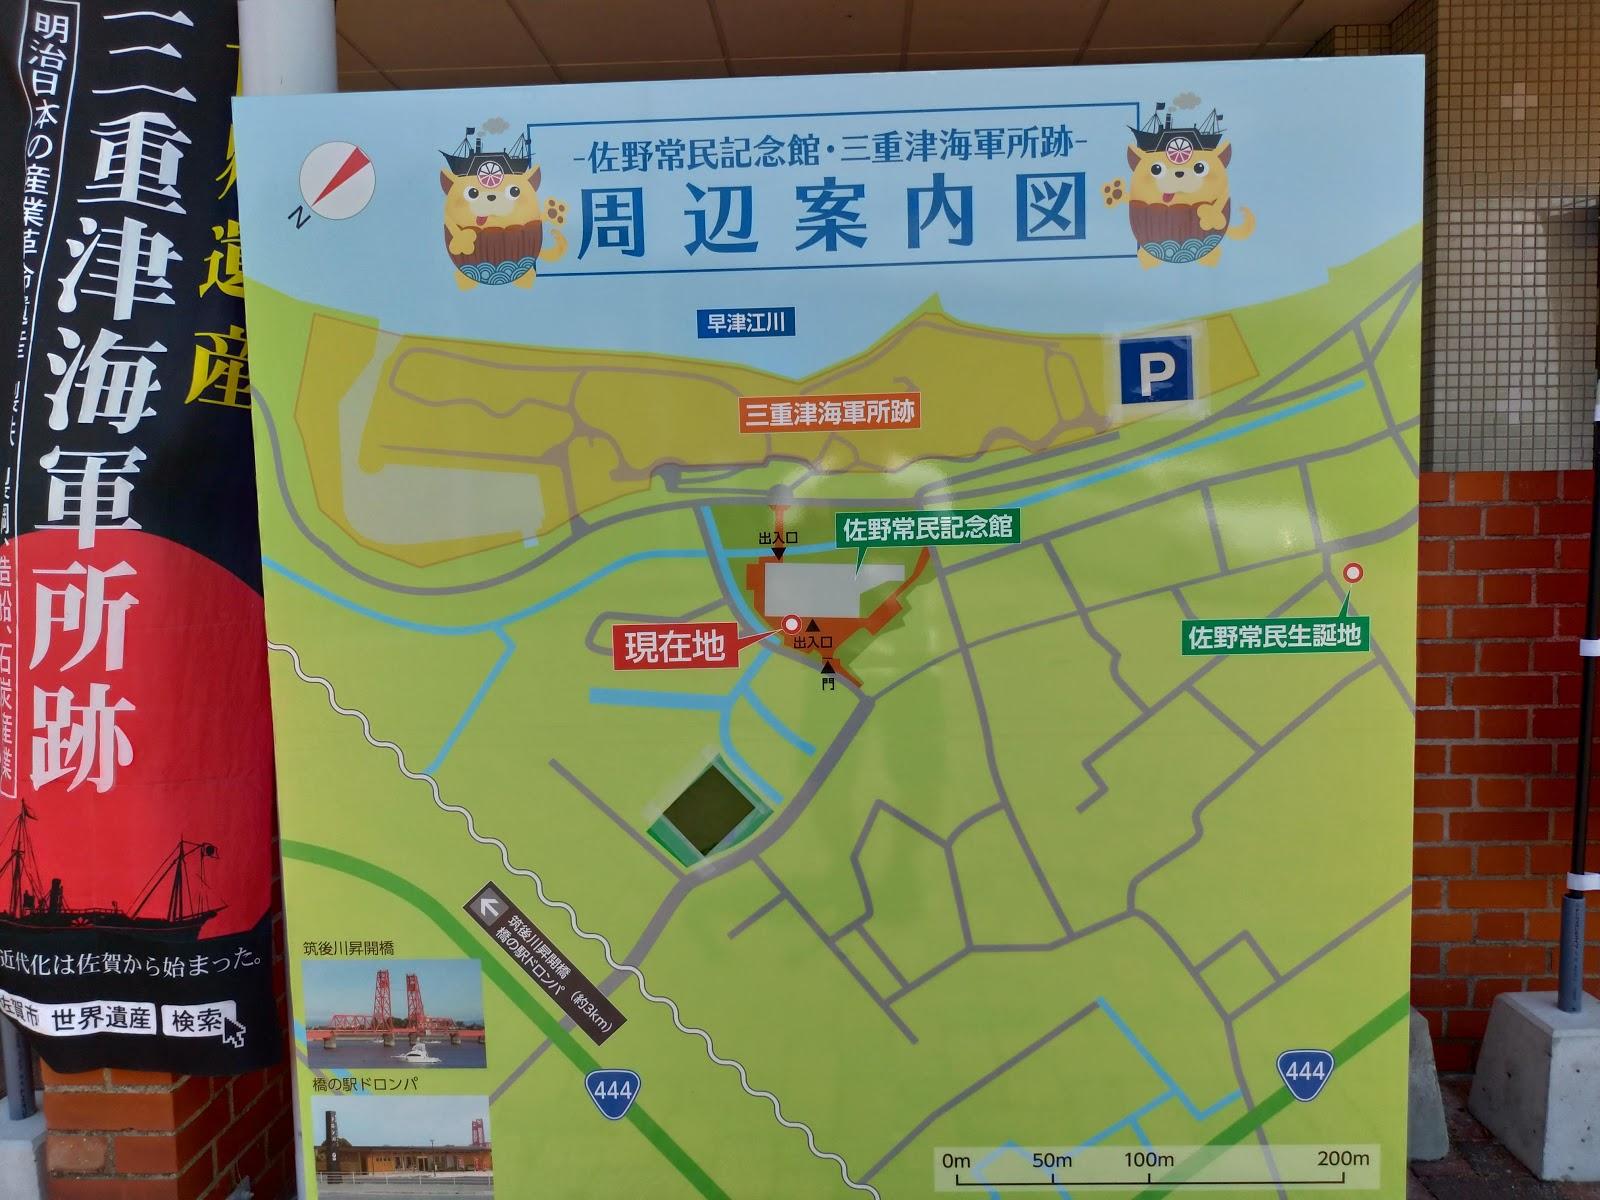 三重津海軍所跡と佐野常民記念館周辺案内